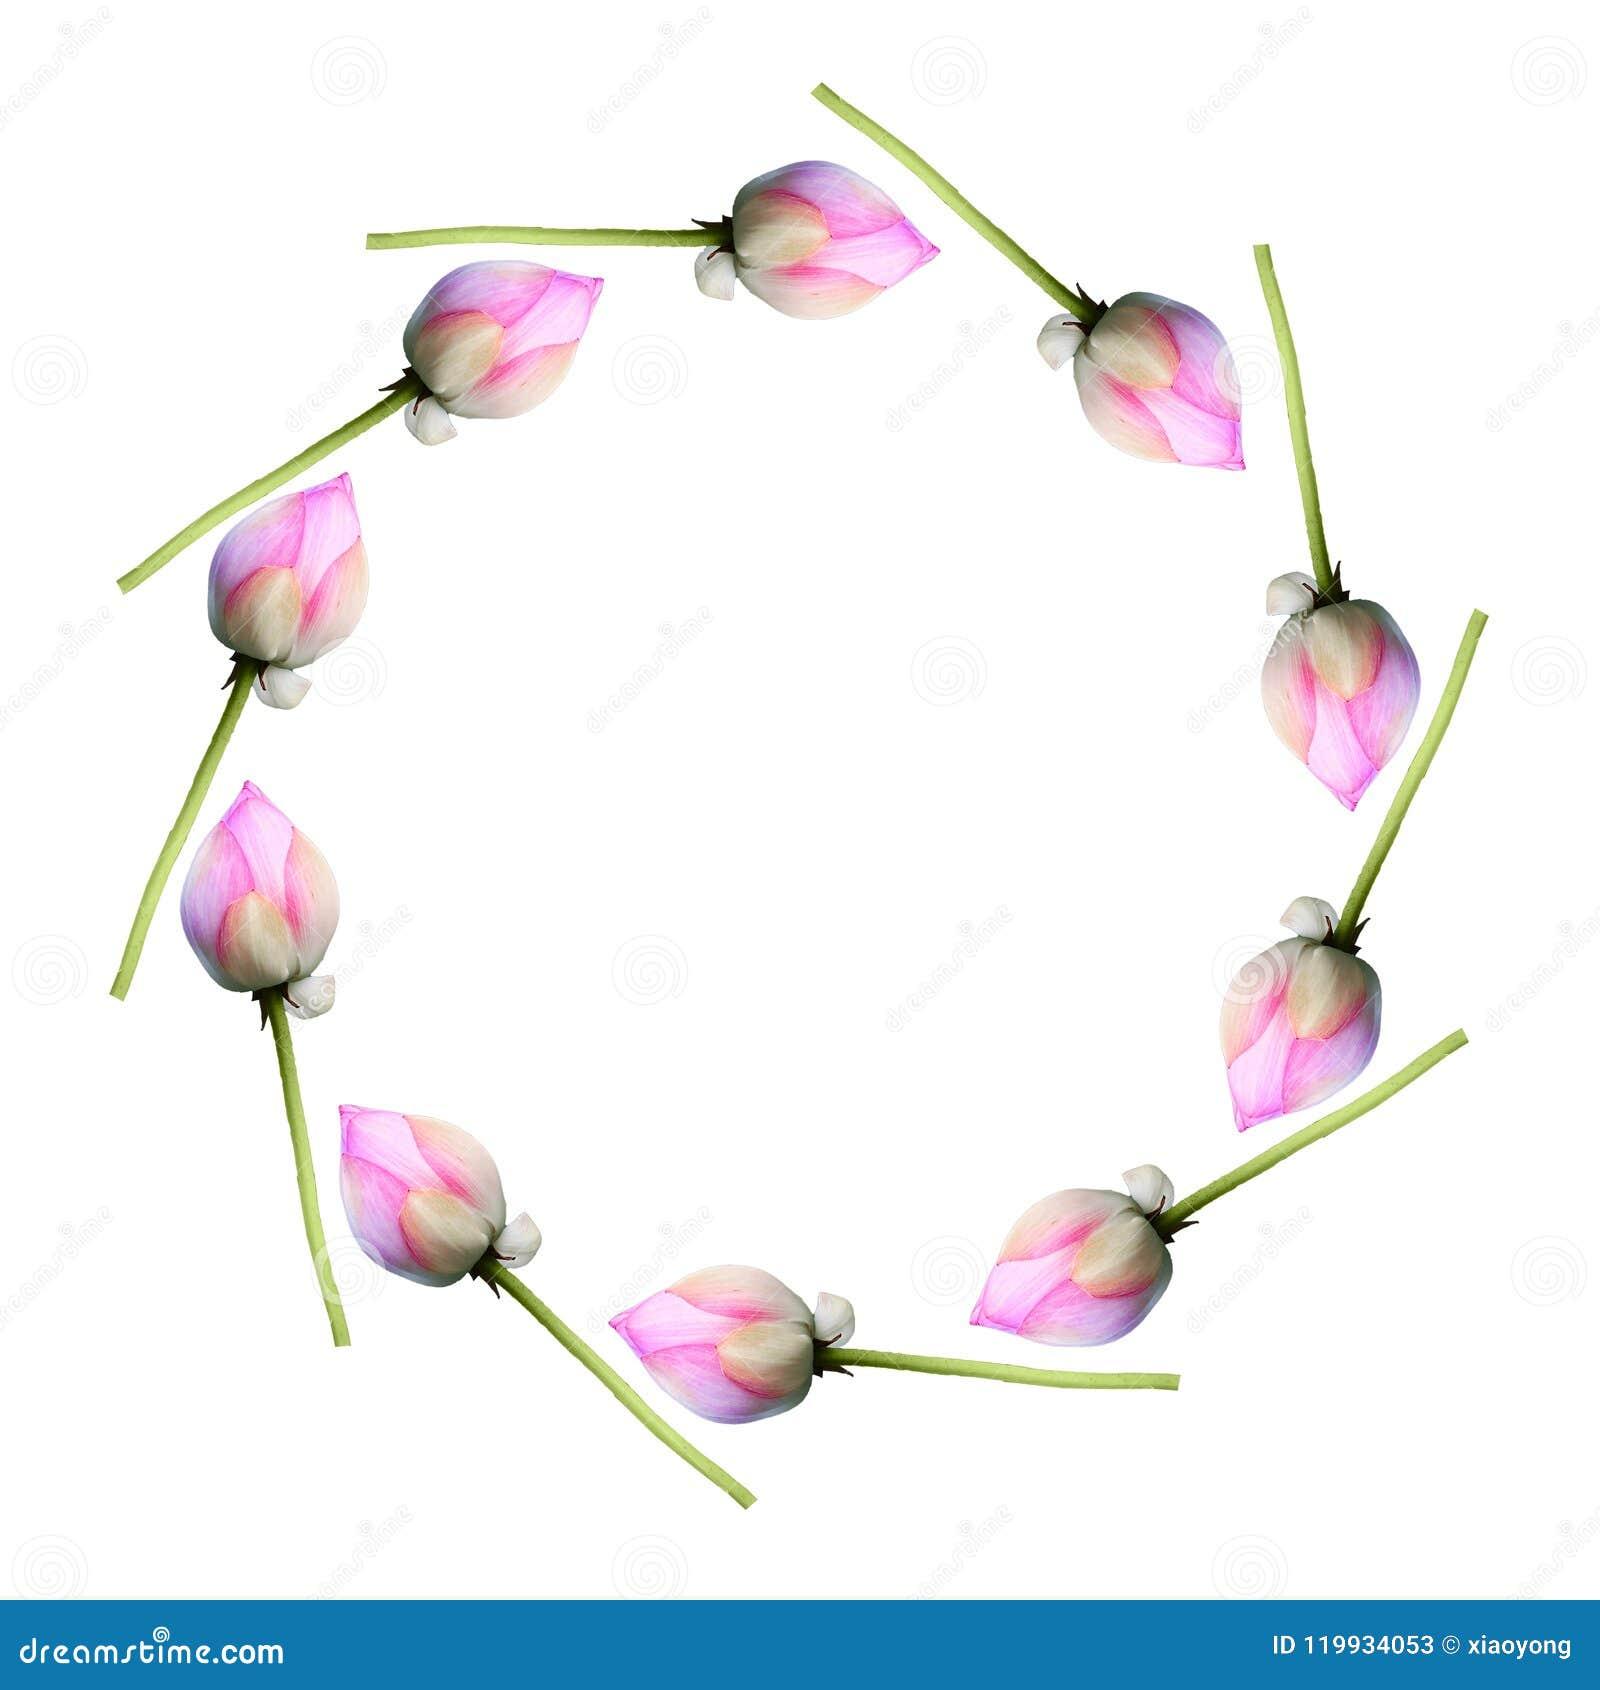 Lotus in circle pattern